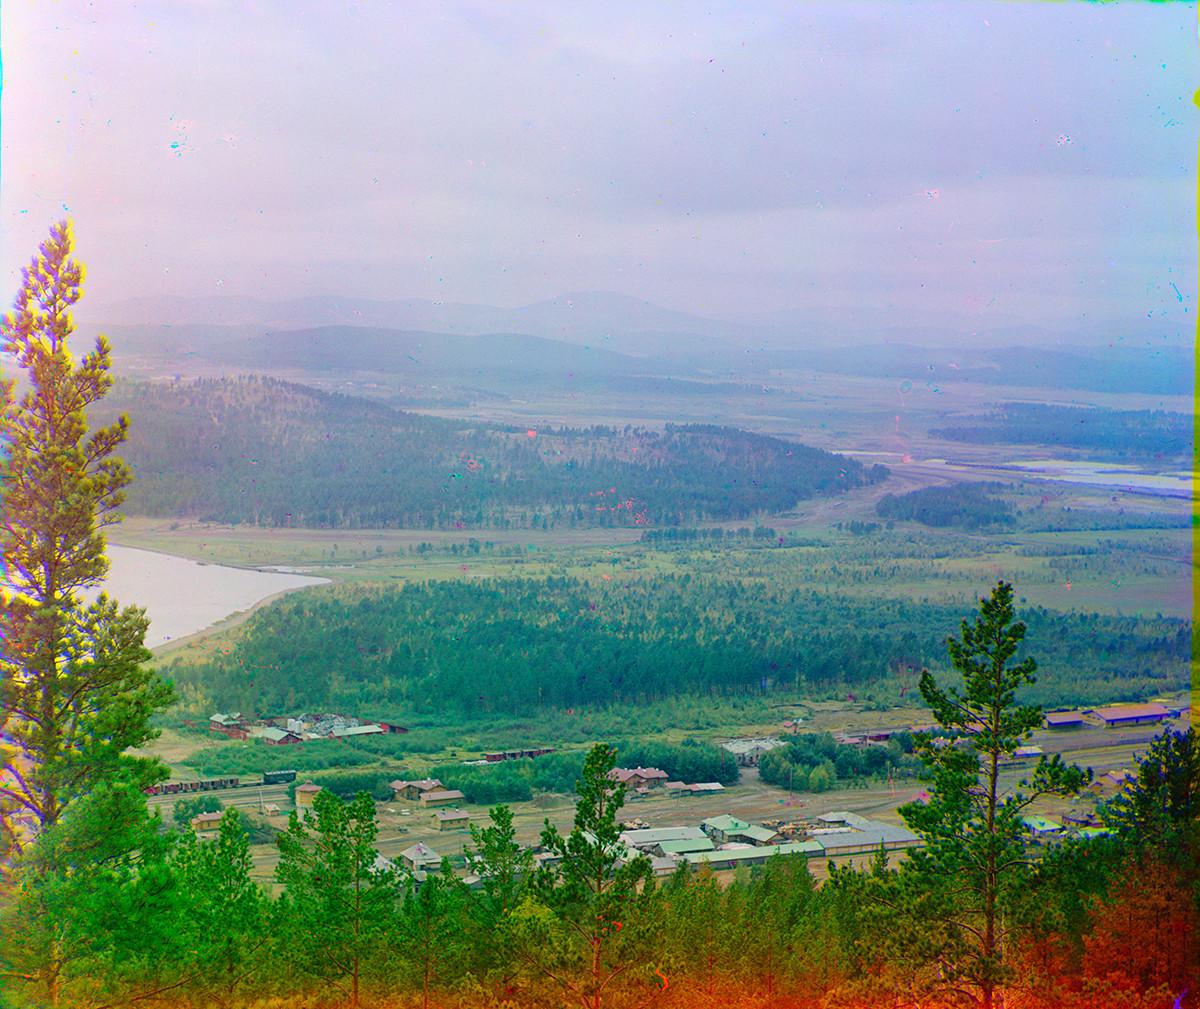 Panorama de Miass. Vue à l'ouest de la chaîne Ilmen avec la gare ferroviaire et la rampe de chargement d'origine de Miass. À gauche : rive nord du lac Ilmen. À droite : rivière Miass.